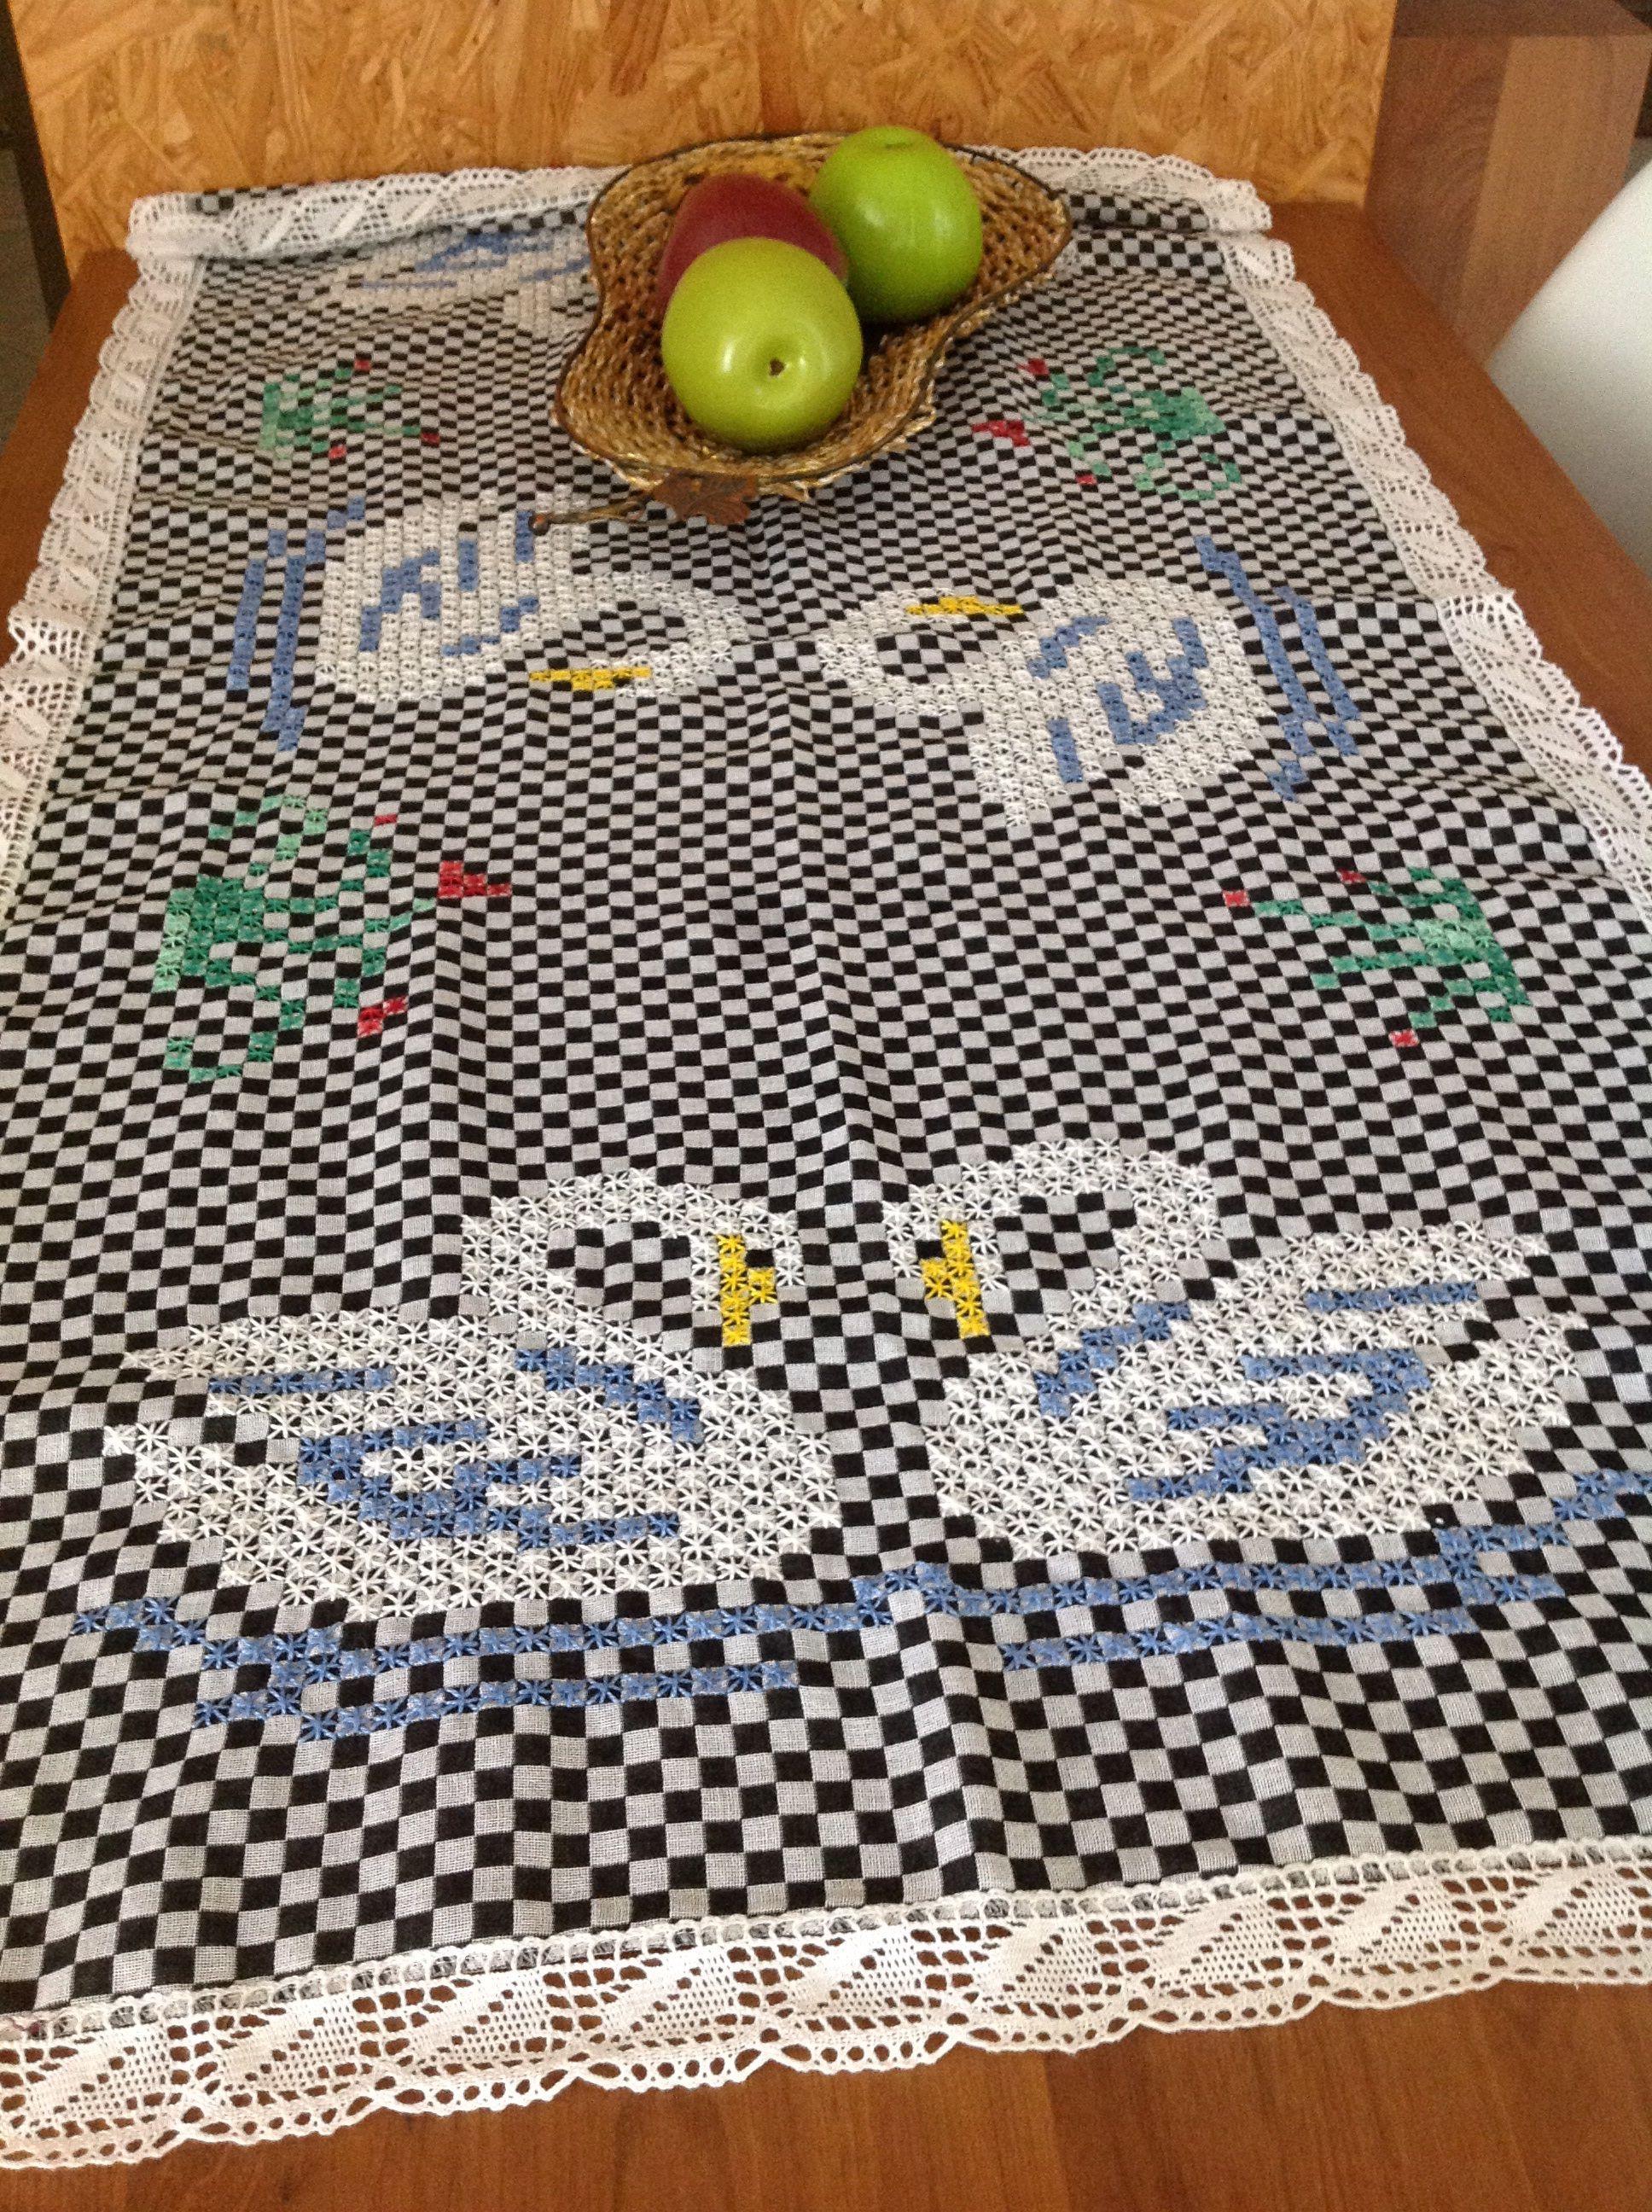 Cisne bordado no tecido xadrez ou não exatamente. Amazing chicken scratch